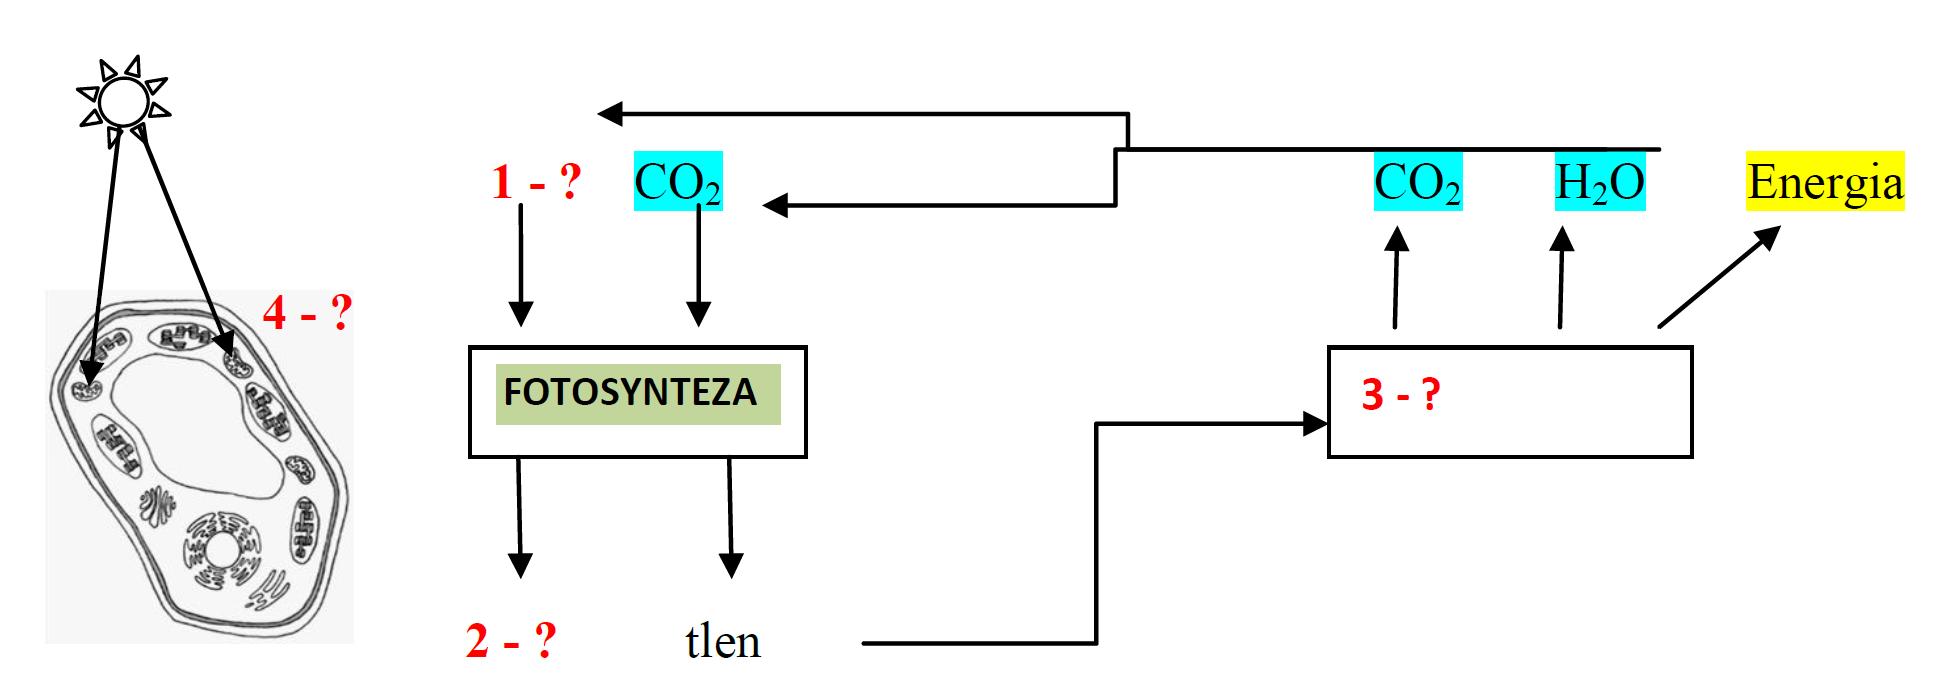 Czynniki niezbędne do przeprowadzenia procesu fotosyntezy.